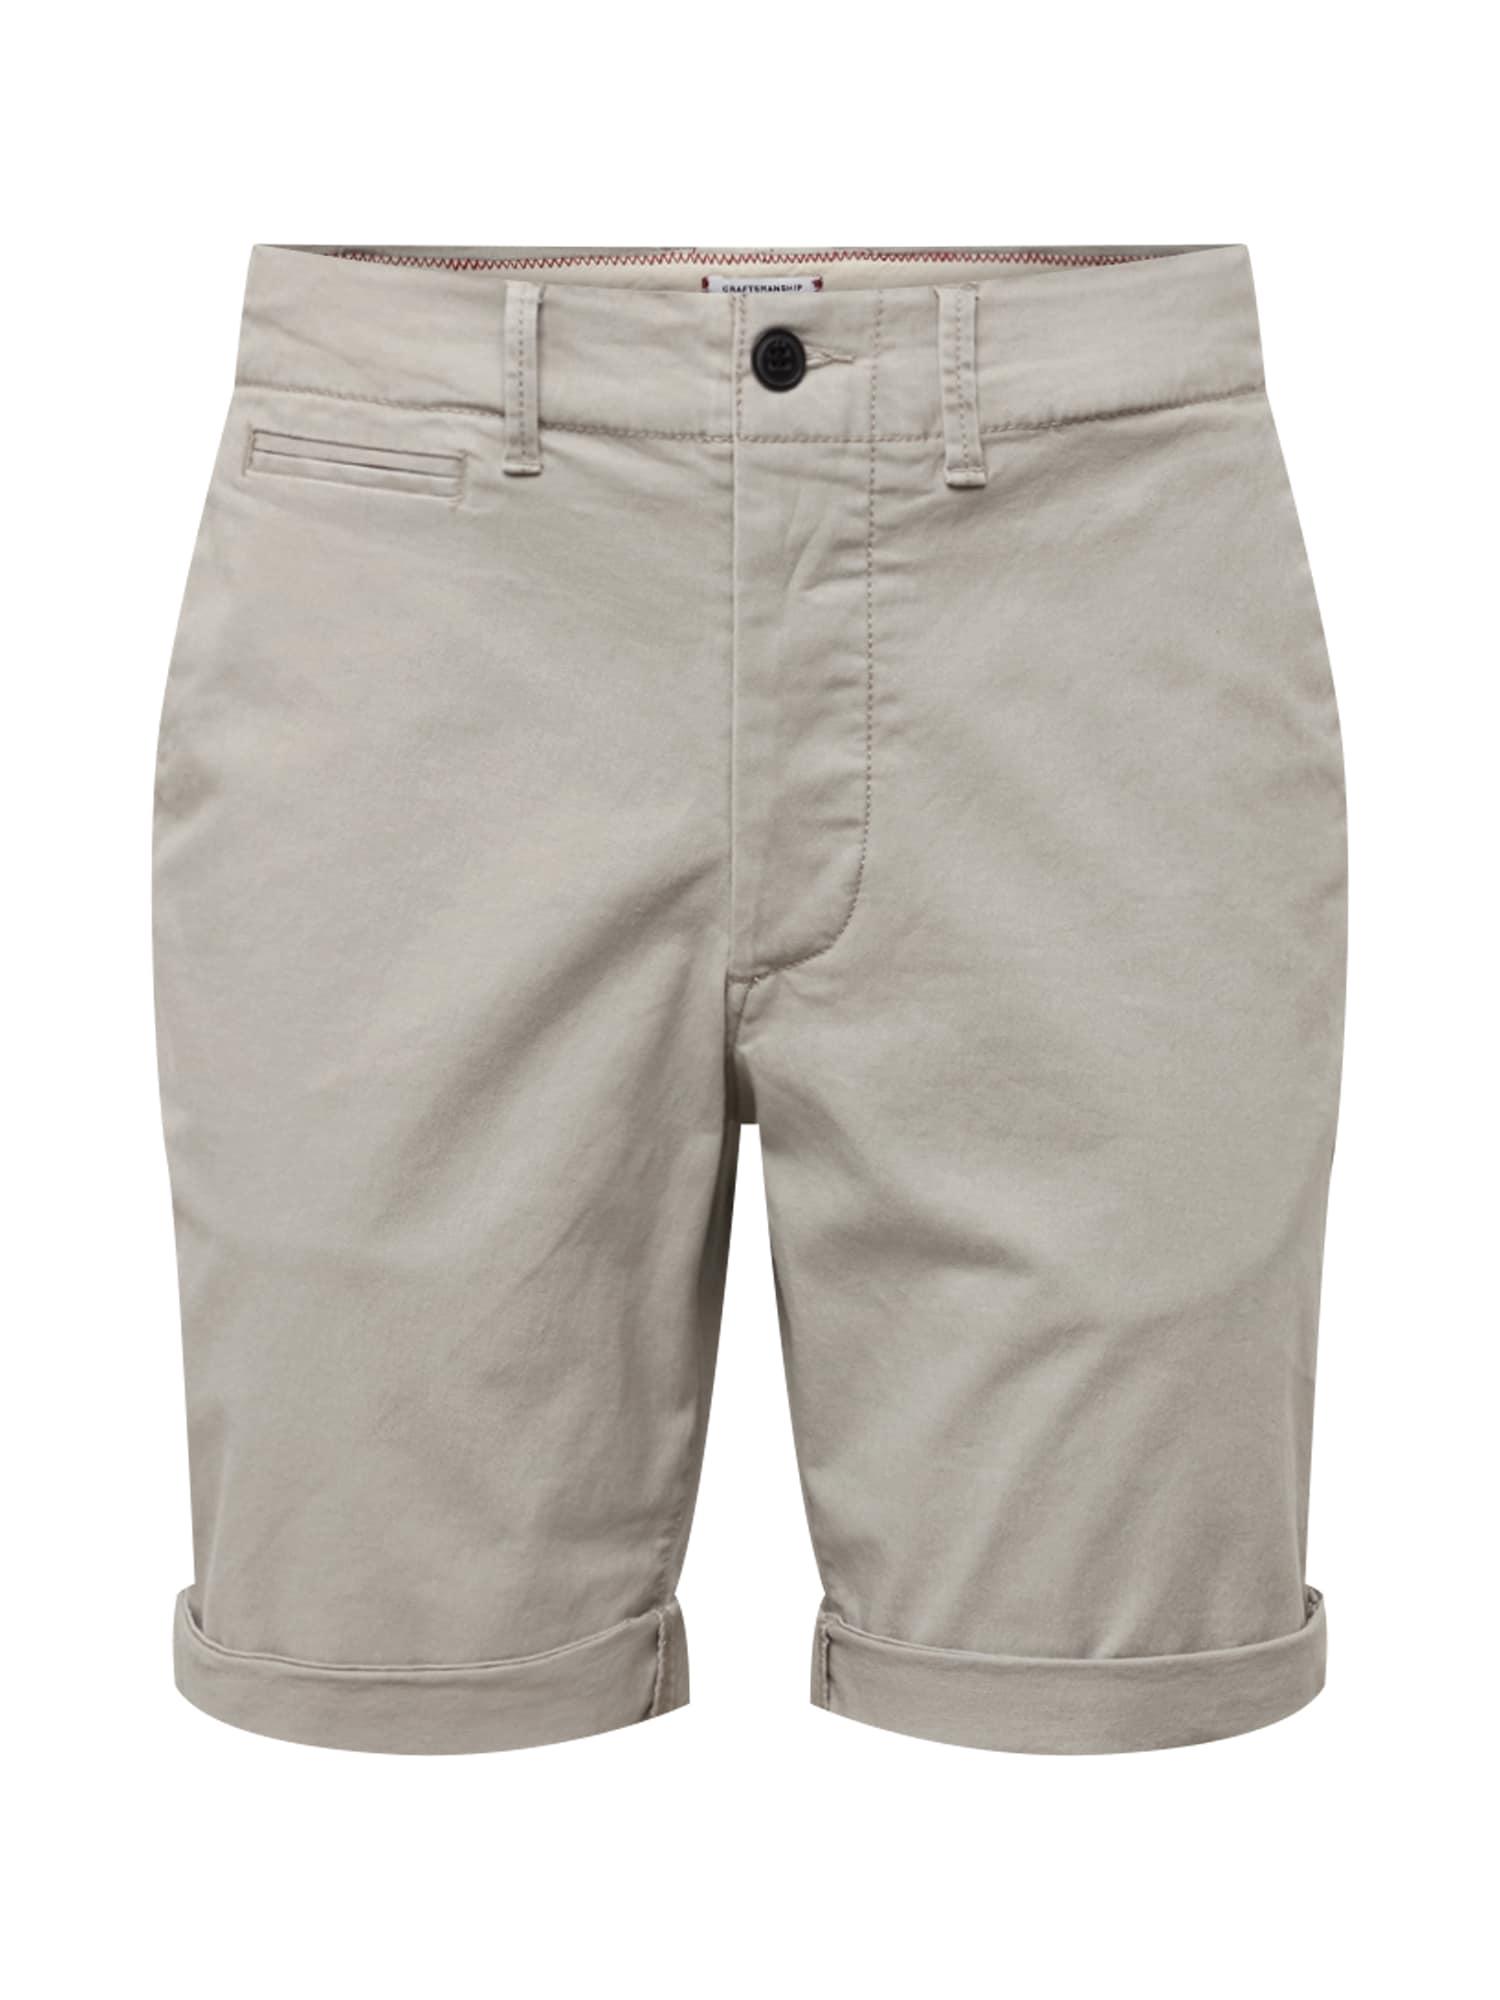 Chino kalhoty Enzo světle šedá JACK & JONES